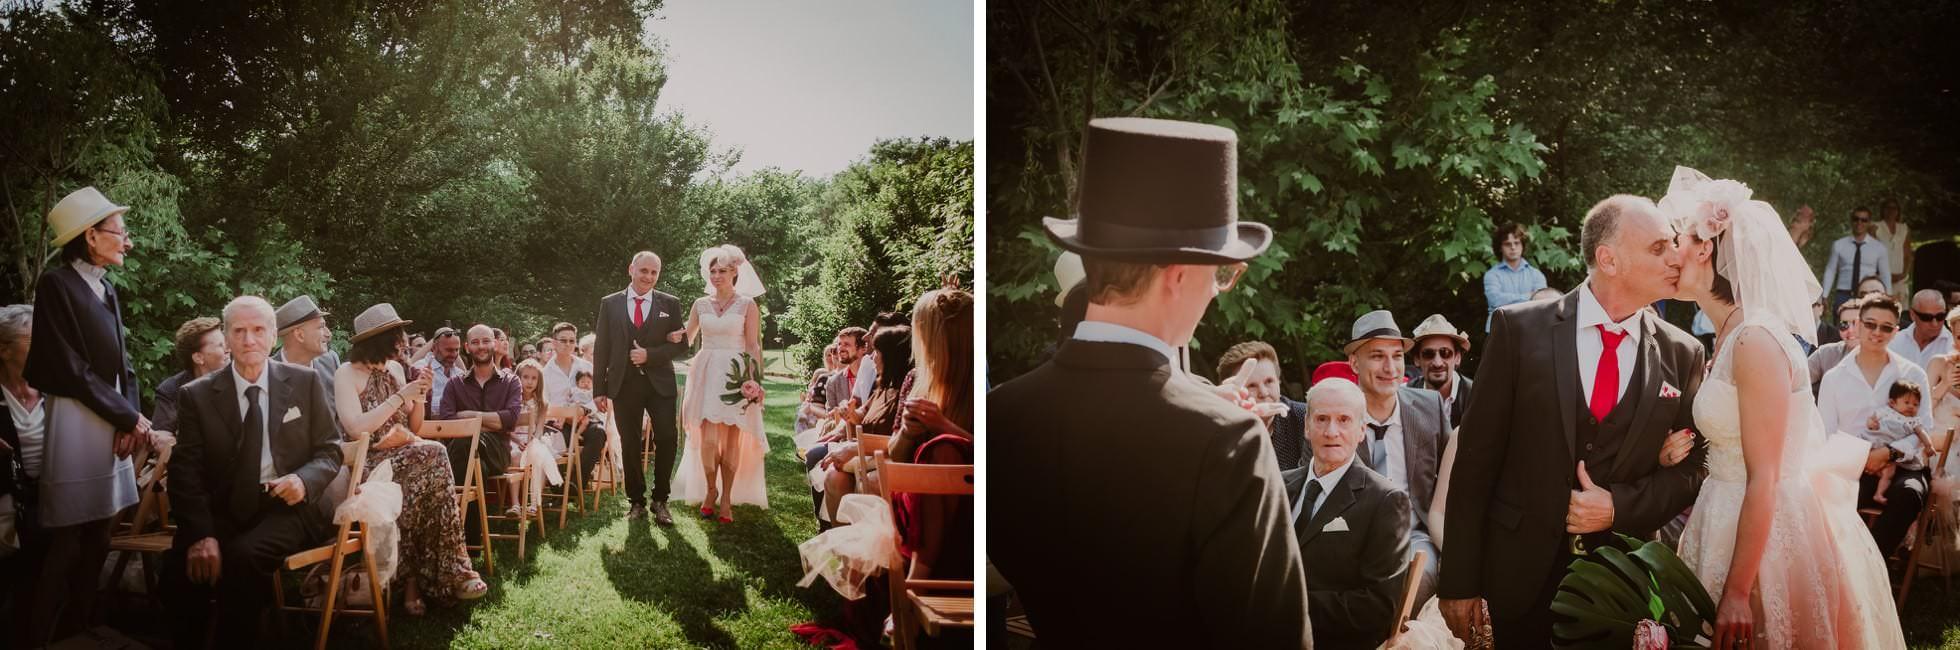 matrimonio alice nel paese delle meraviglie